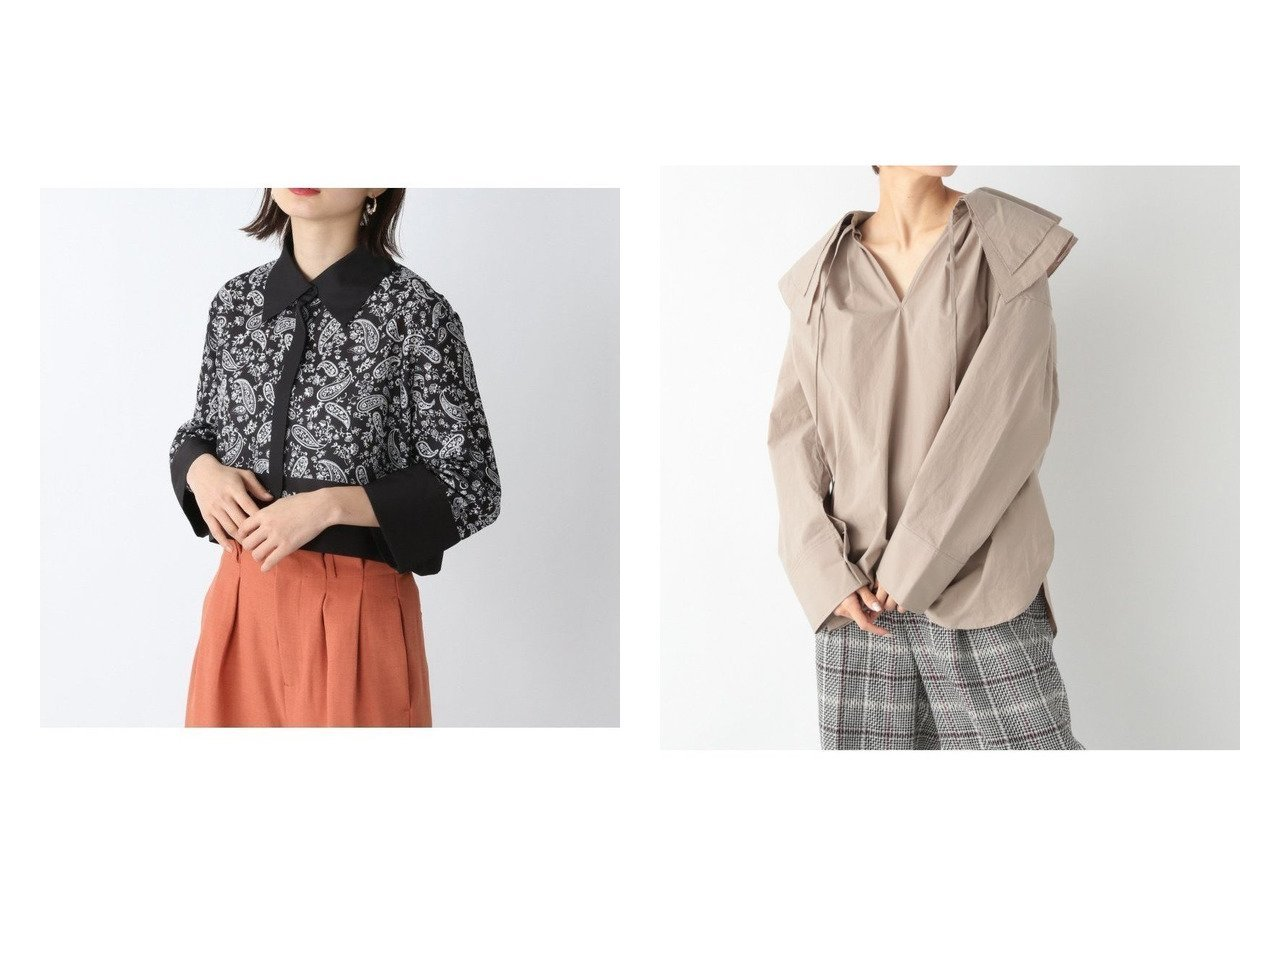 【JEANASiS/ジーナシス】のペイズリーショートSH&BIGカラースキッパーBL 【プチプライス・低価格】おすすめ!人気、トレンド・レディースファッションの通販 おすすめで人気の流行・トレンド、ファッションの通販商品 インテリア・家具・メンズファッション・キッズファッション・レディースファッション・服の通販 founy(ファニー) https://founy.com/ ファッション Fashion レディースファッション WOMEN トップス・カットソー Tops/Tshirt シャツ/ブラウス Shirts/Blouses NEW・新作・新着・新入荷 New Arrivals おすすめ Recommend ショート スカーフ トレンド プリント 無地 羽織 インナー ウォッシャブル カフス カーディガン サロペット スキッパー フロント リボン ワイド 長袖  ID:crp329100000042717